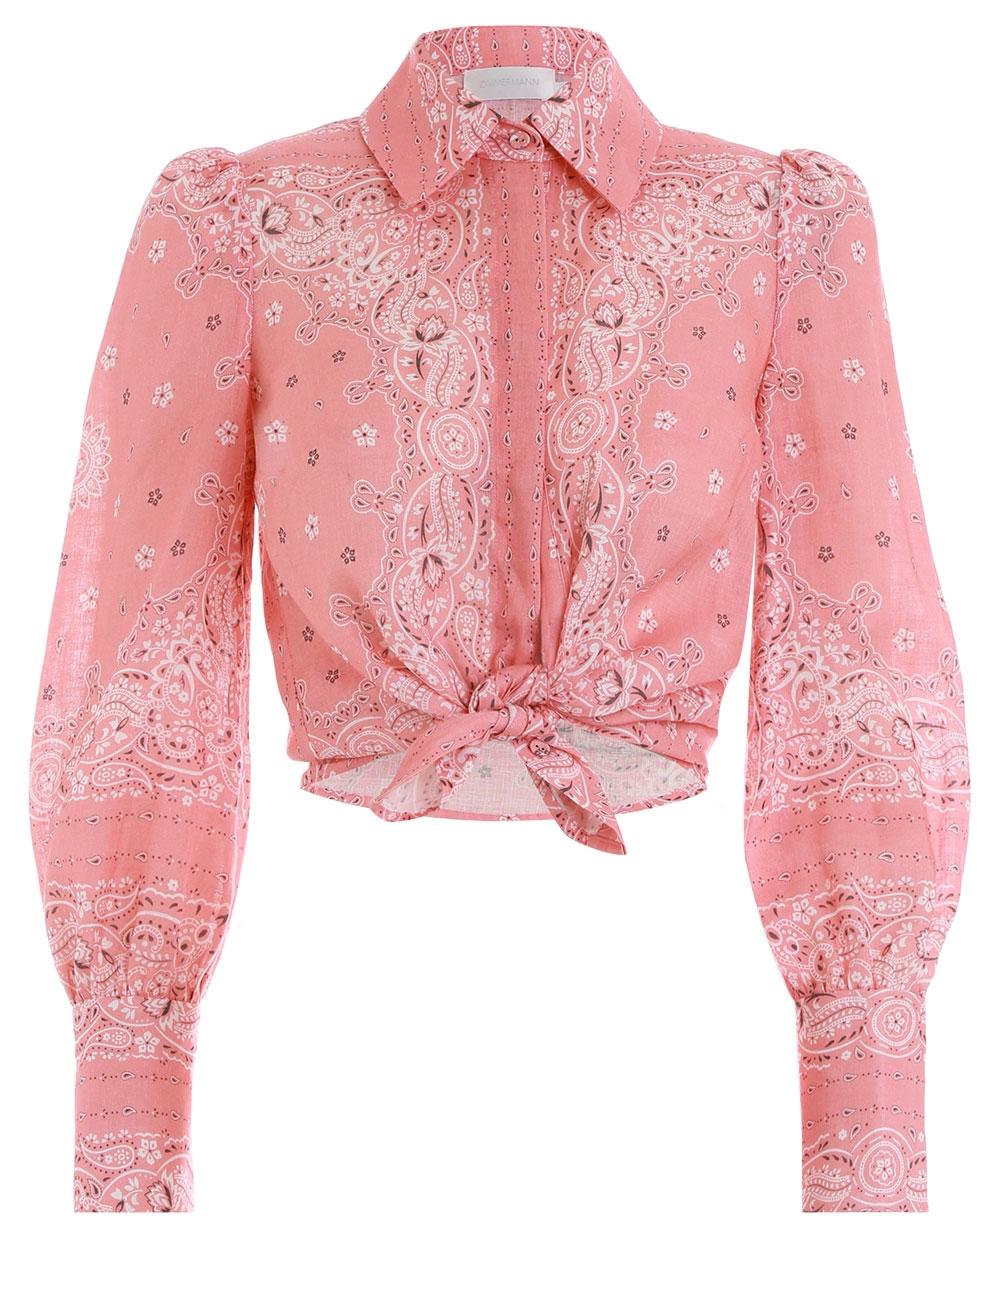 Heathers Bandana Shirt